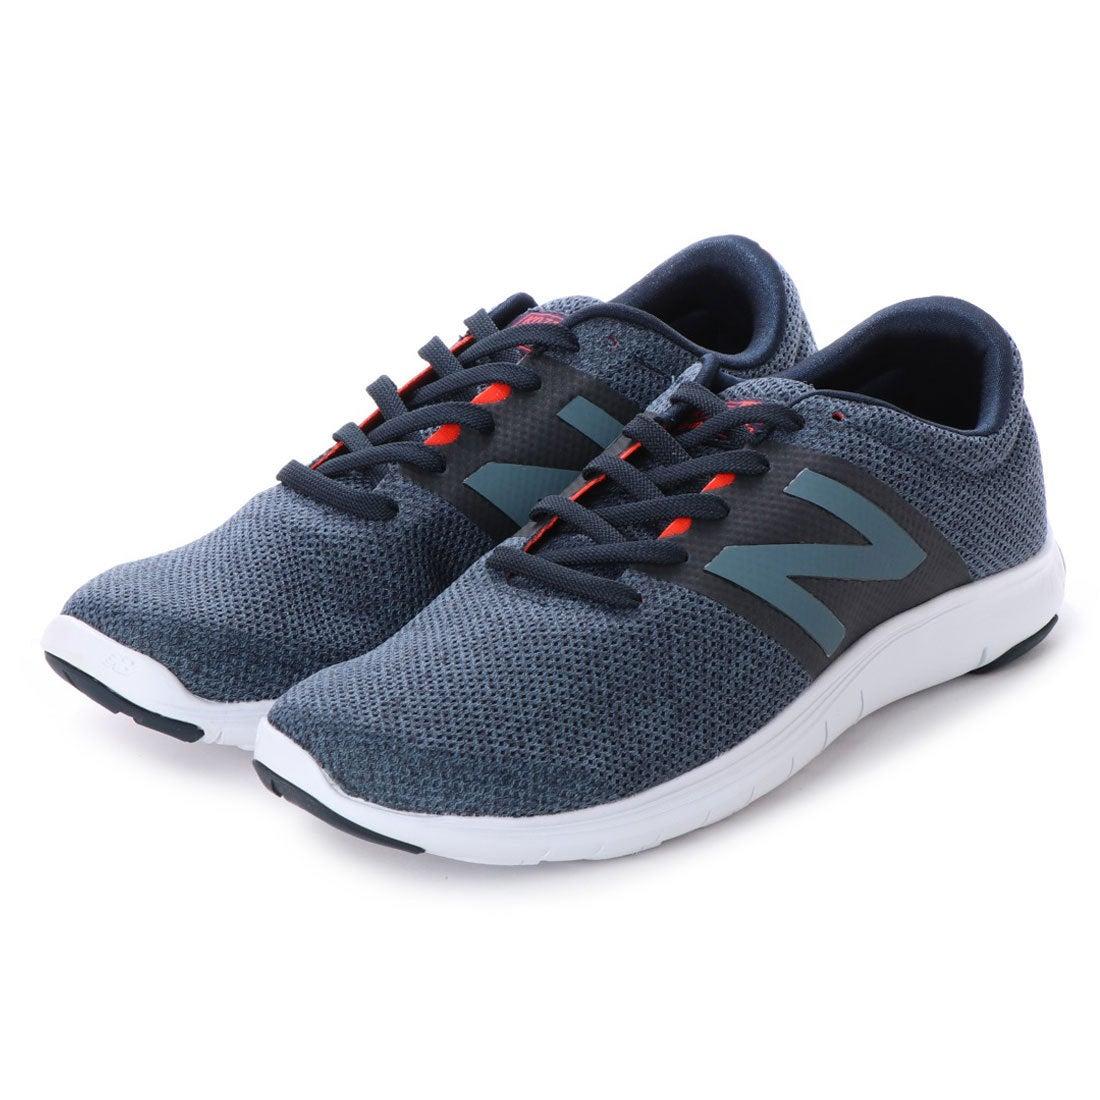 ロコンド 靴とファッションの通販サイトニューバランス new balance メンズ 陸上 ランニングシューズ MKOZE MKOZERG1 465